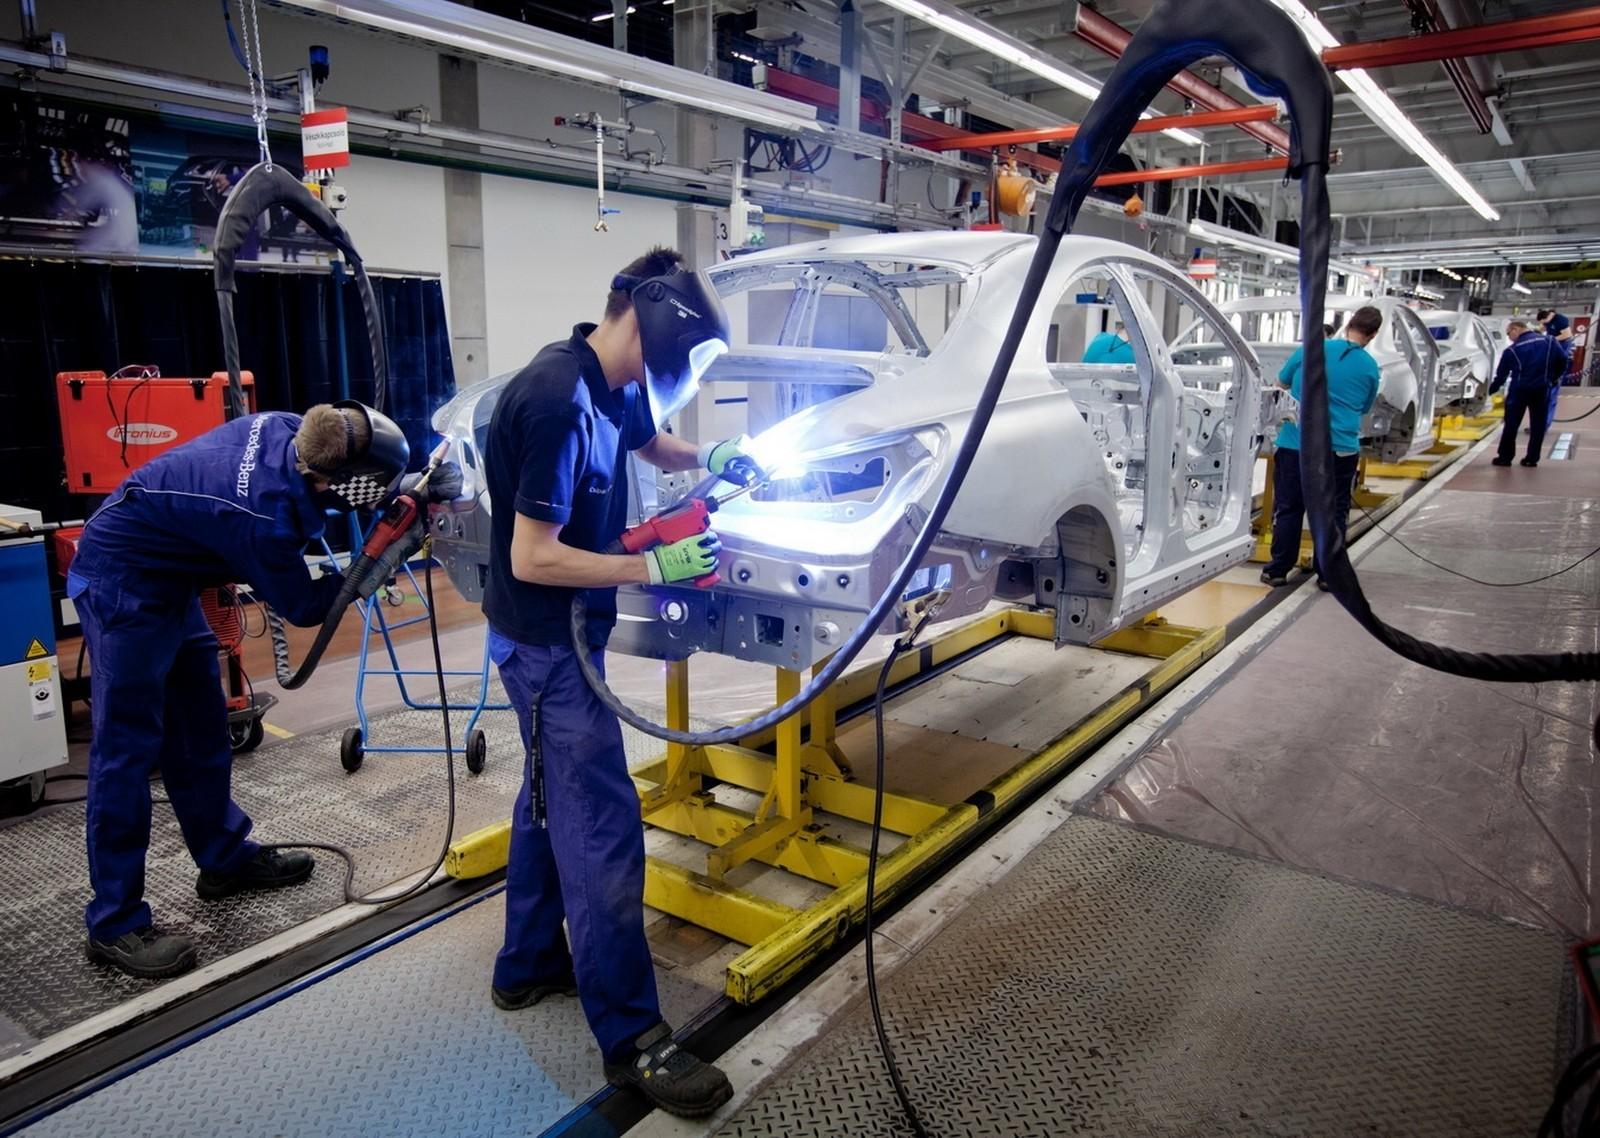 Évi 10 ezer milliárd forint értéket is termelhet a belföldi autóipar